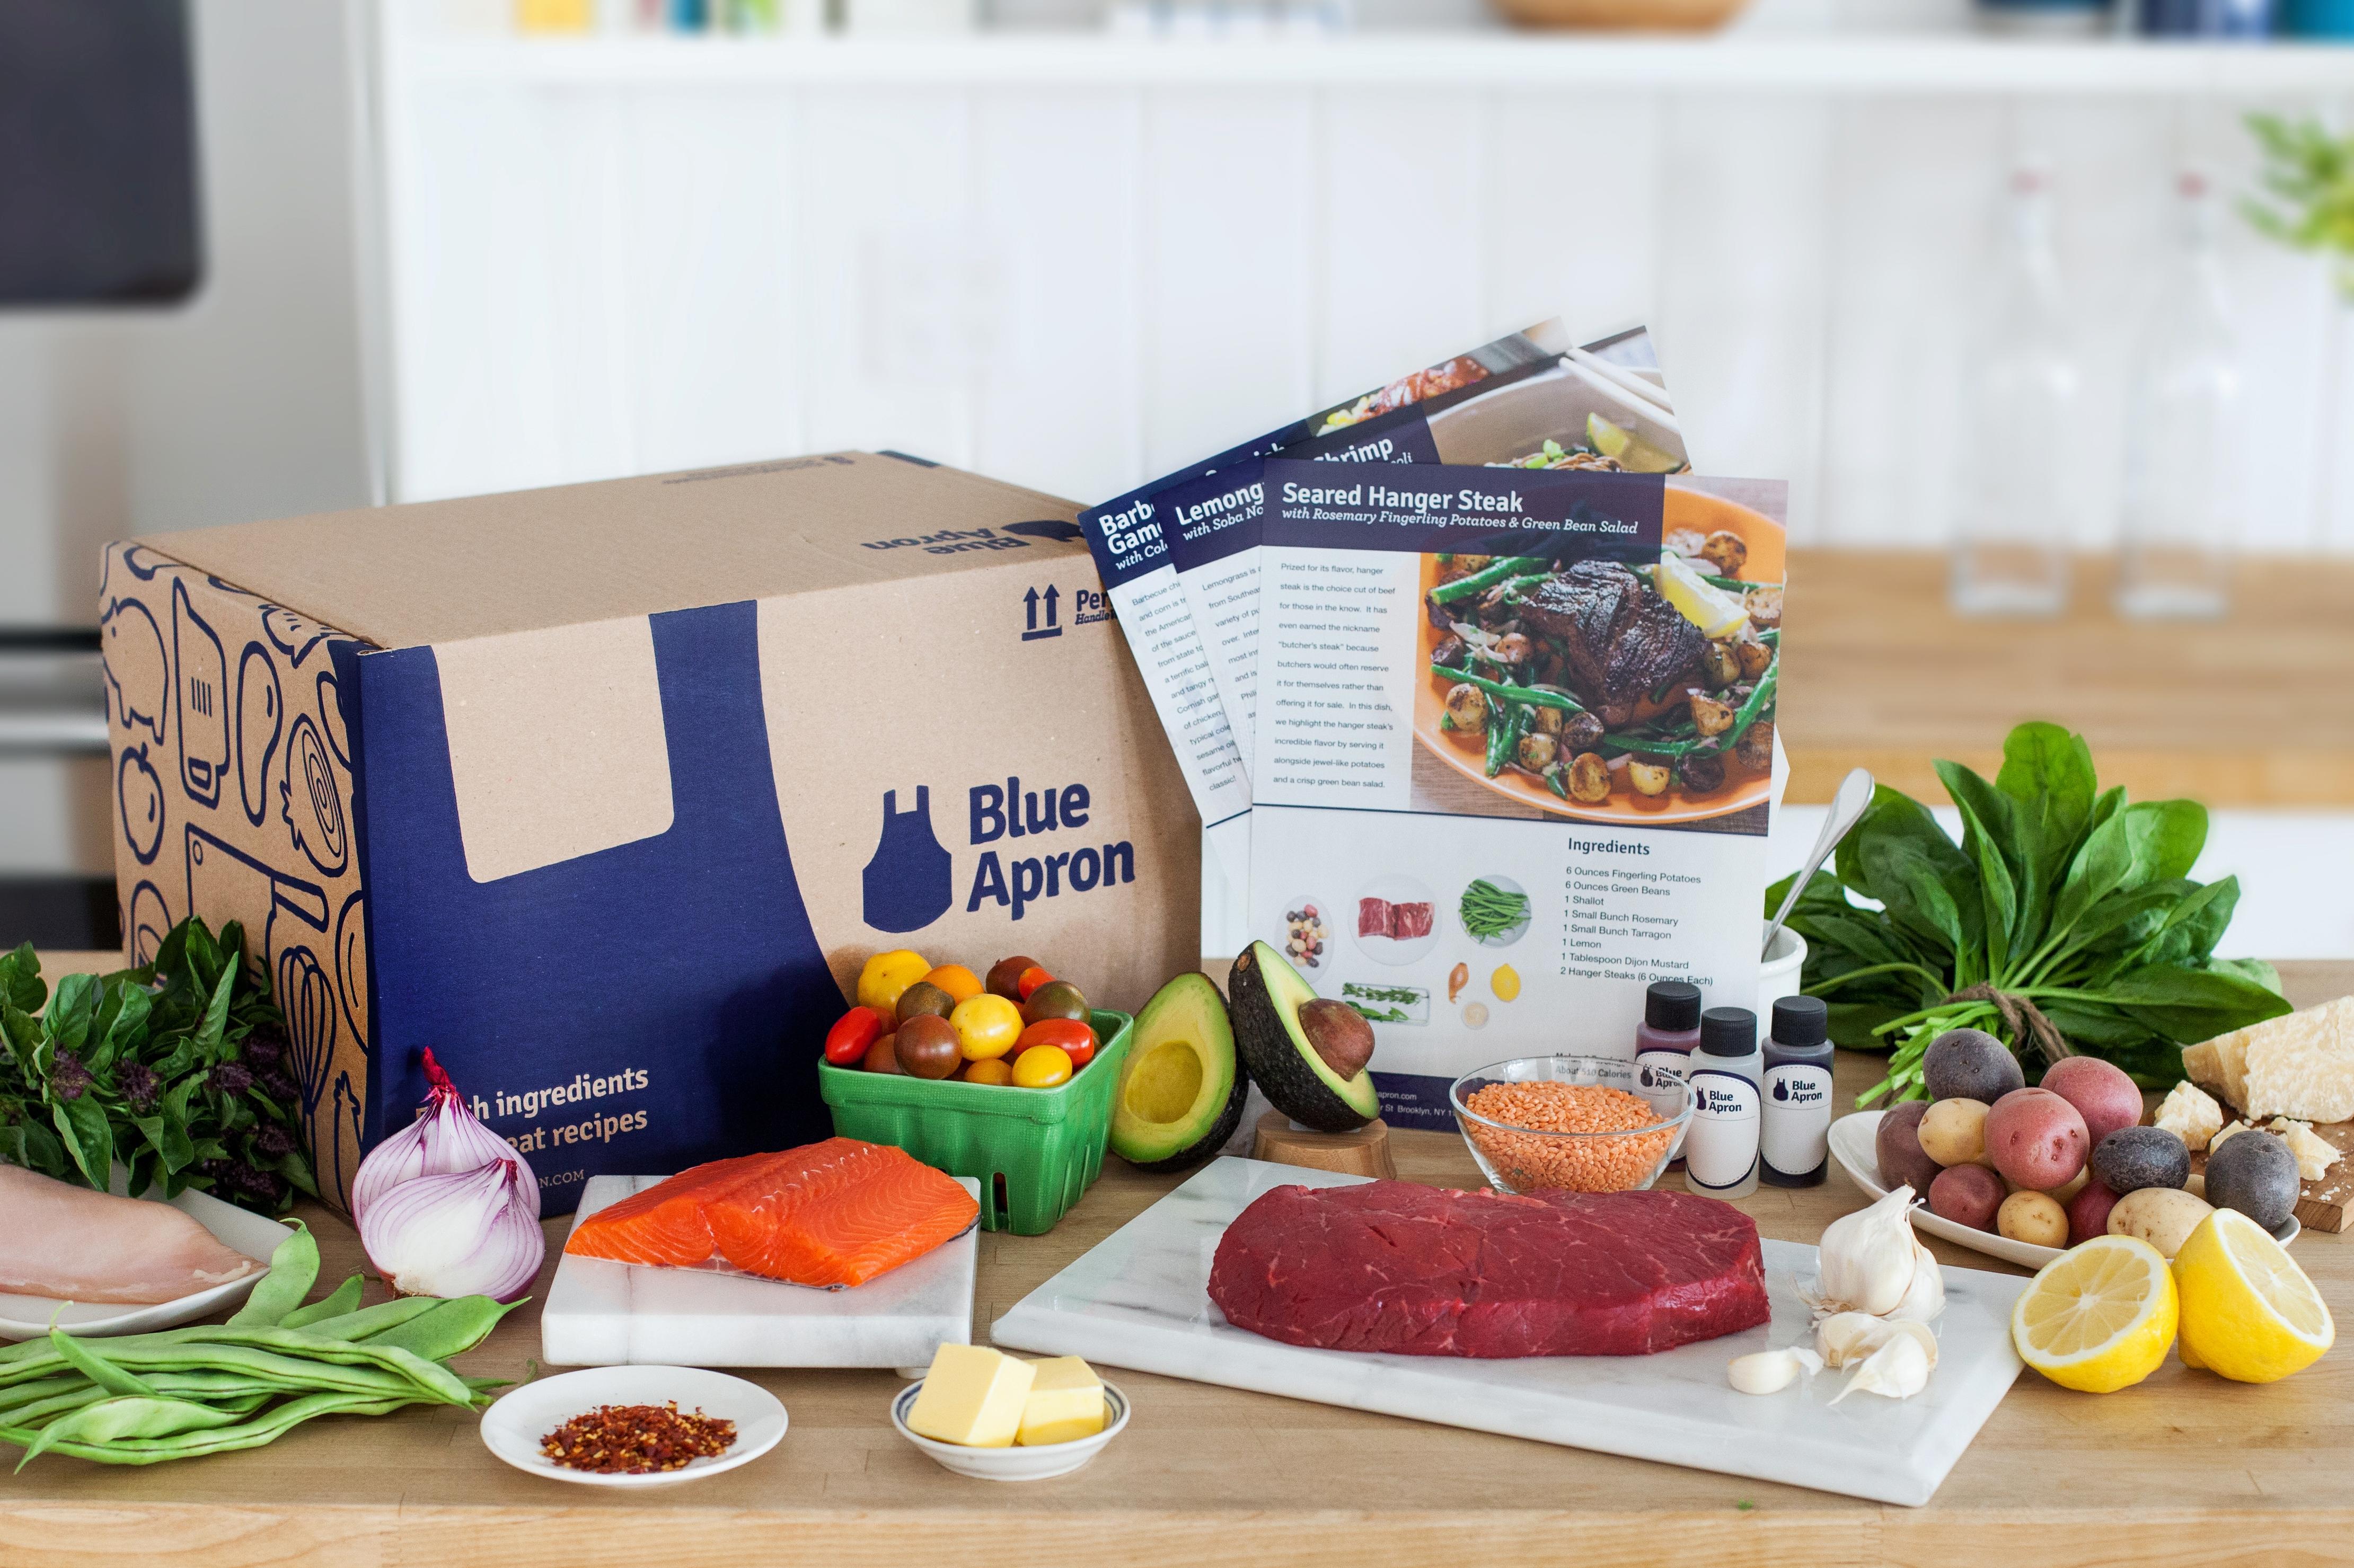 Blue apron application - Blue Apron Product Shot